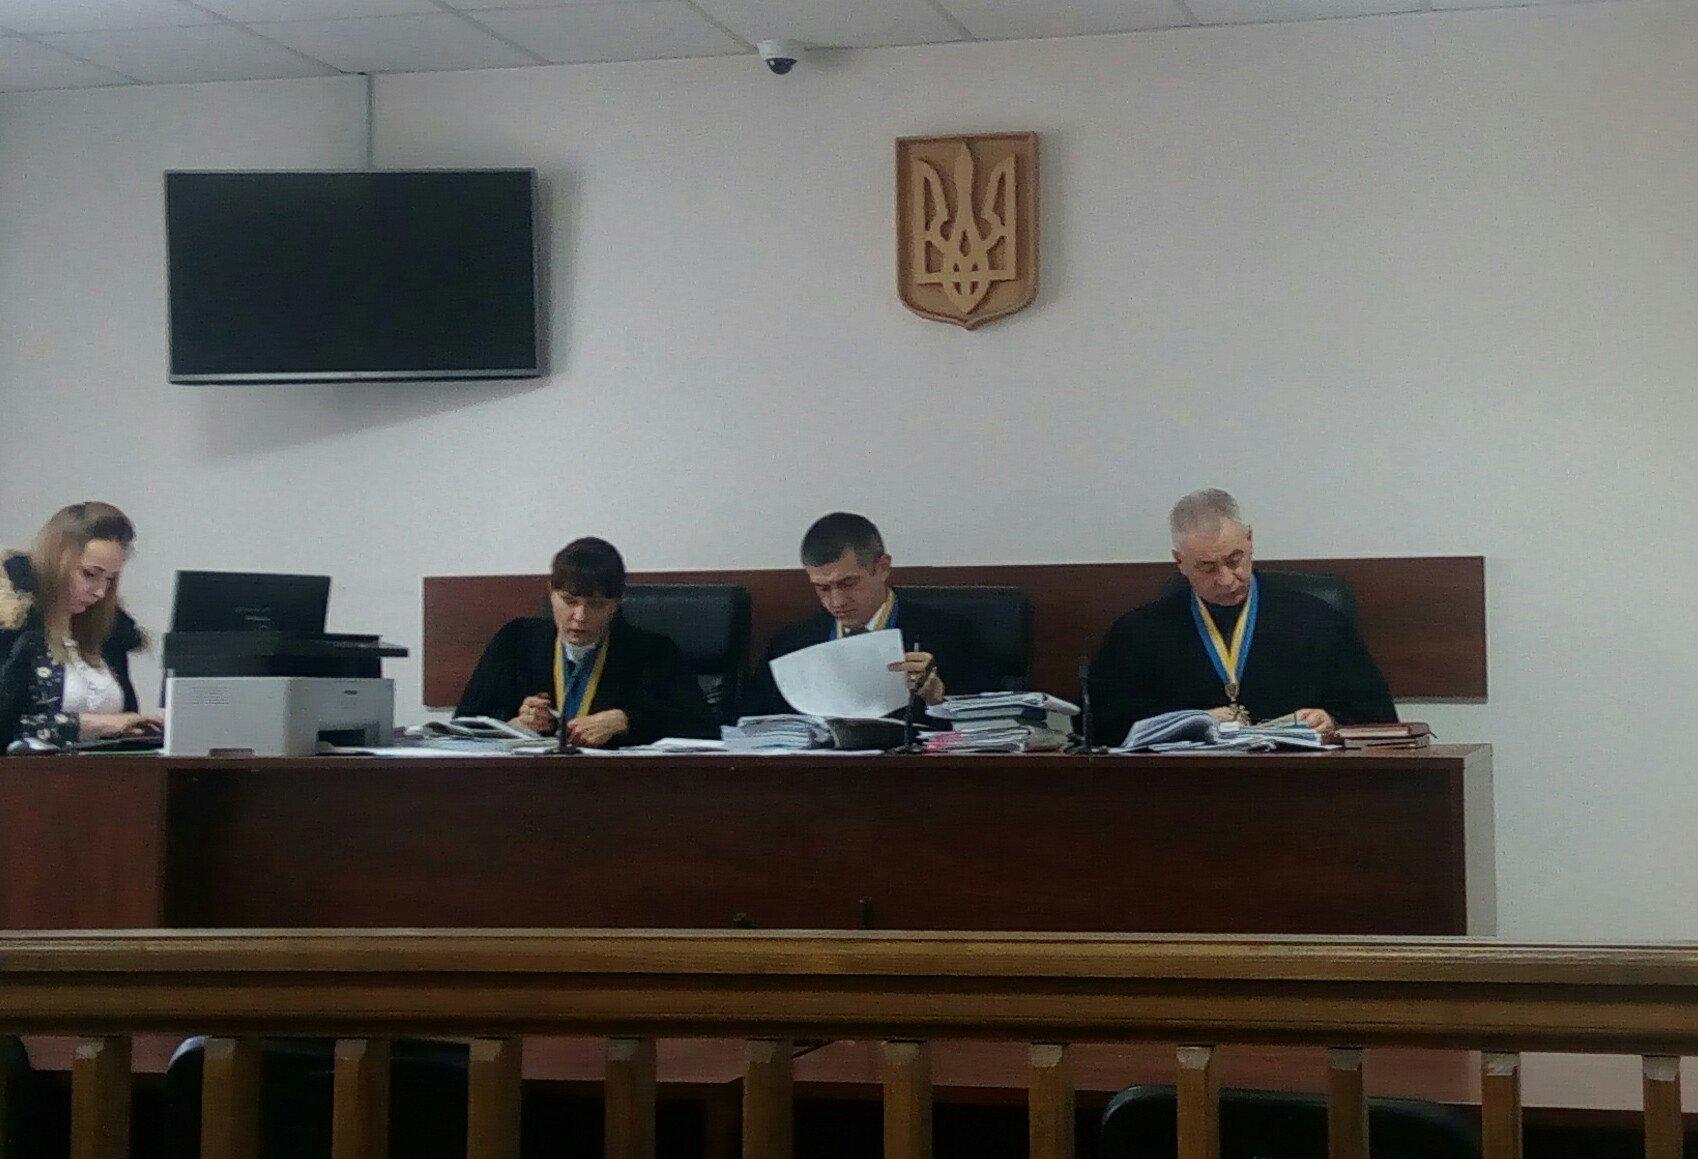 Апеляційний суд Закарпаття прийняв об'єктивне та справедливе рішення